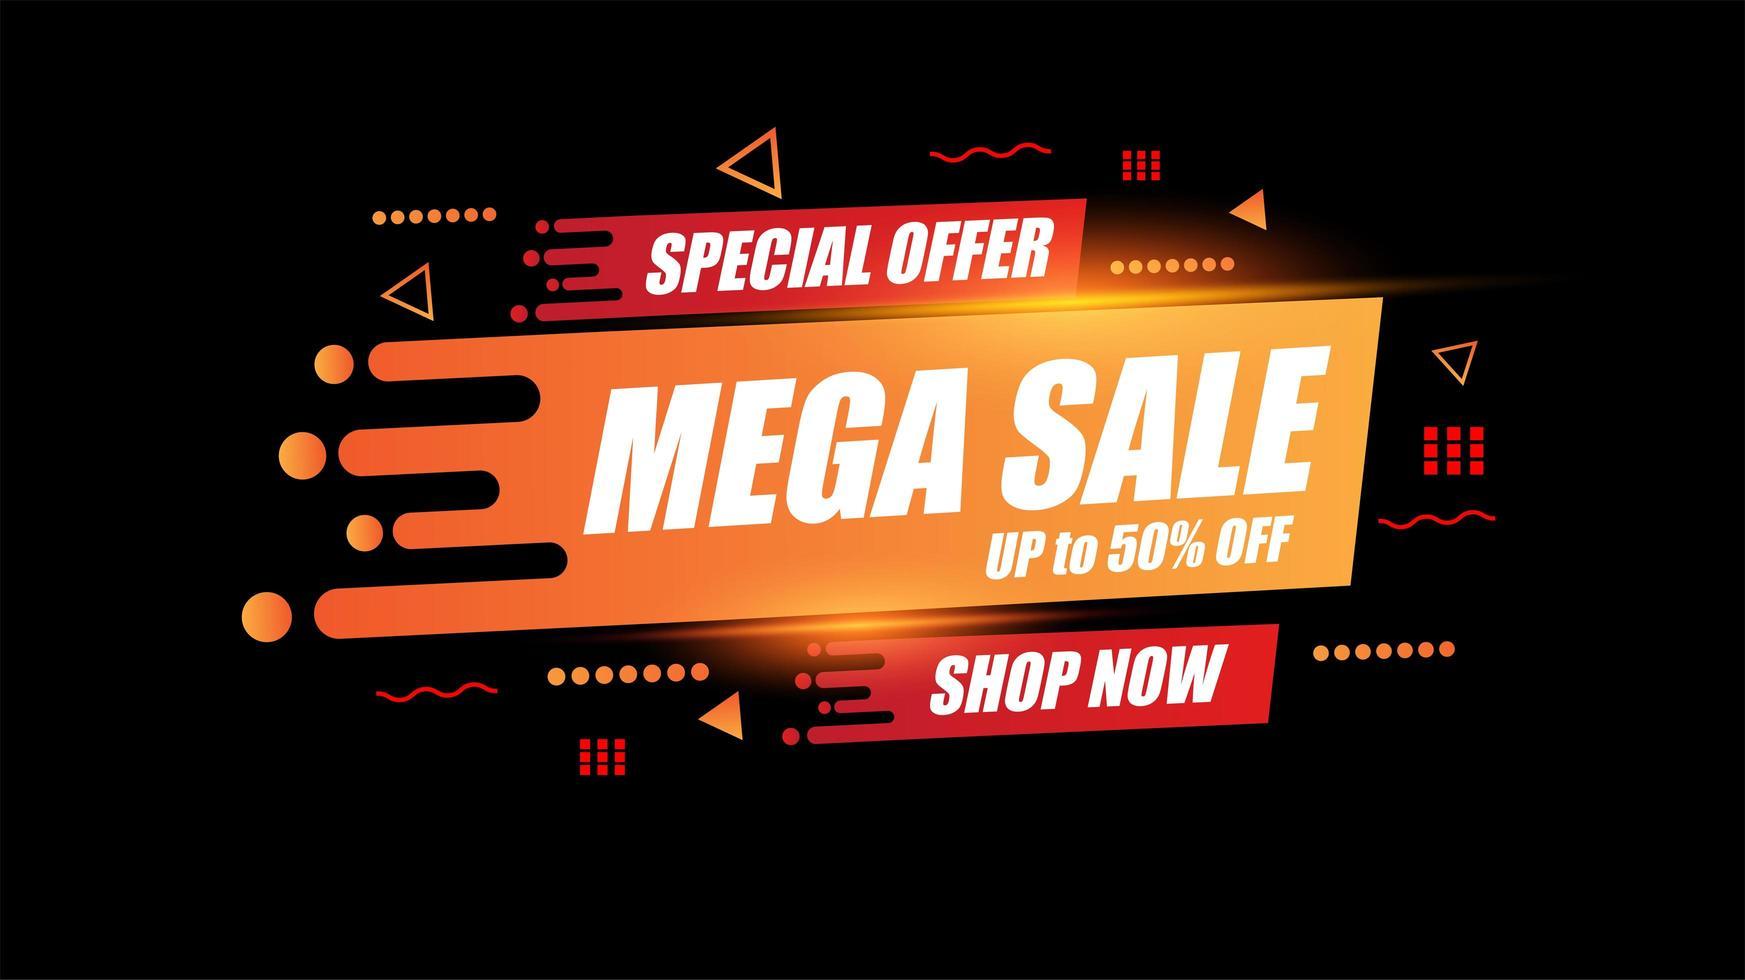 Disegno astratto modello di vendita Mega per offerte speciali, vendite e sconti vettore